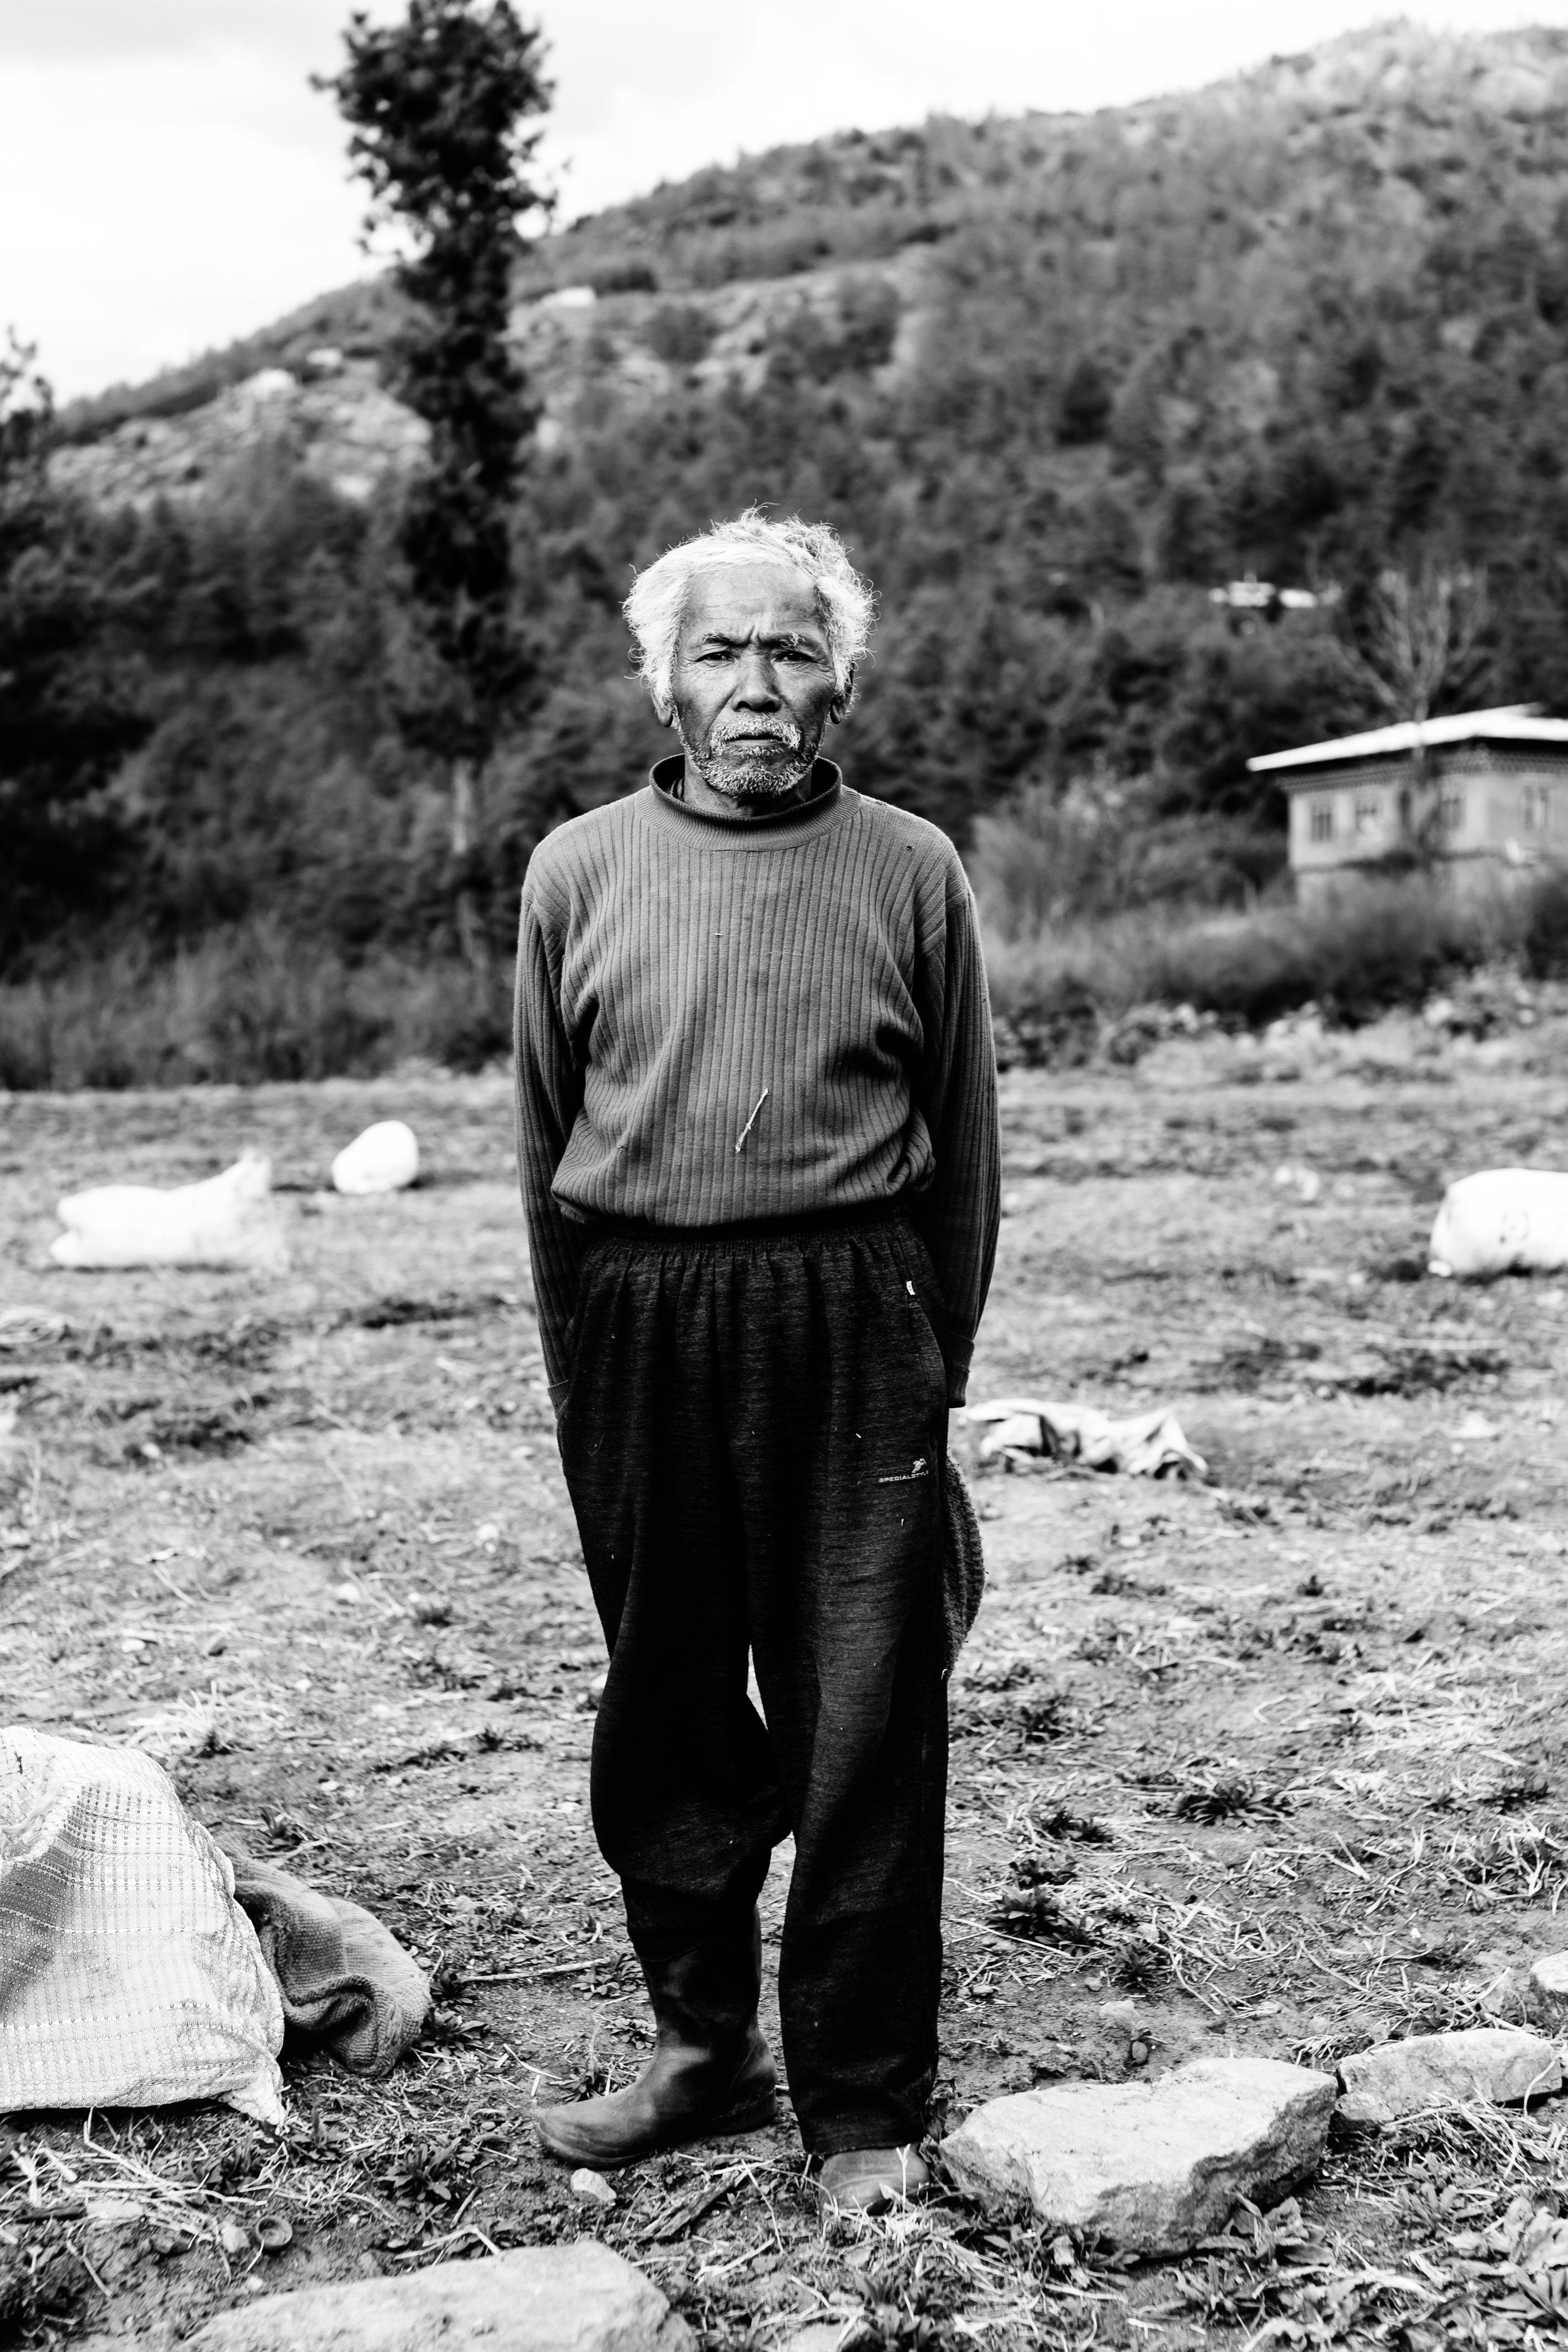 Paro-bhutan-gentleman